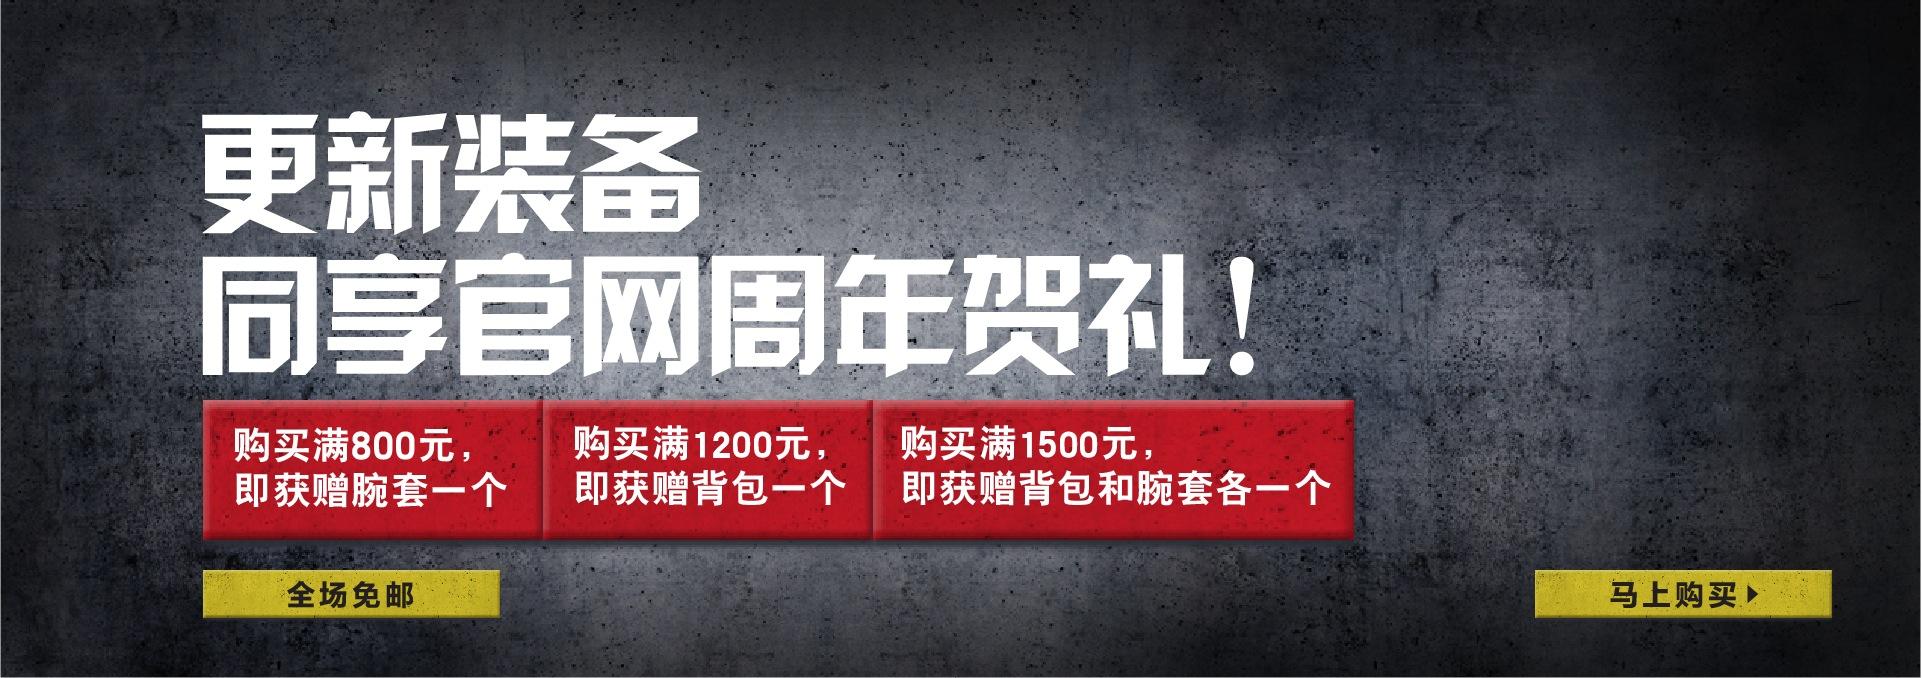 Under Armour分享官网周年贺礼